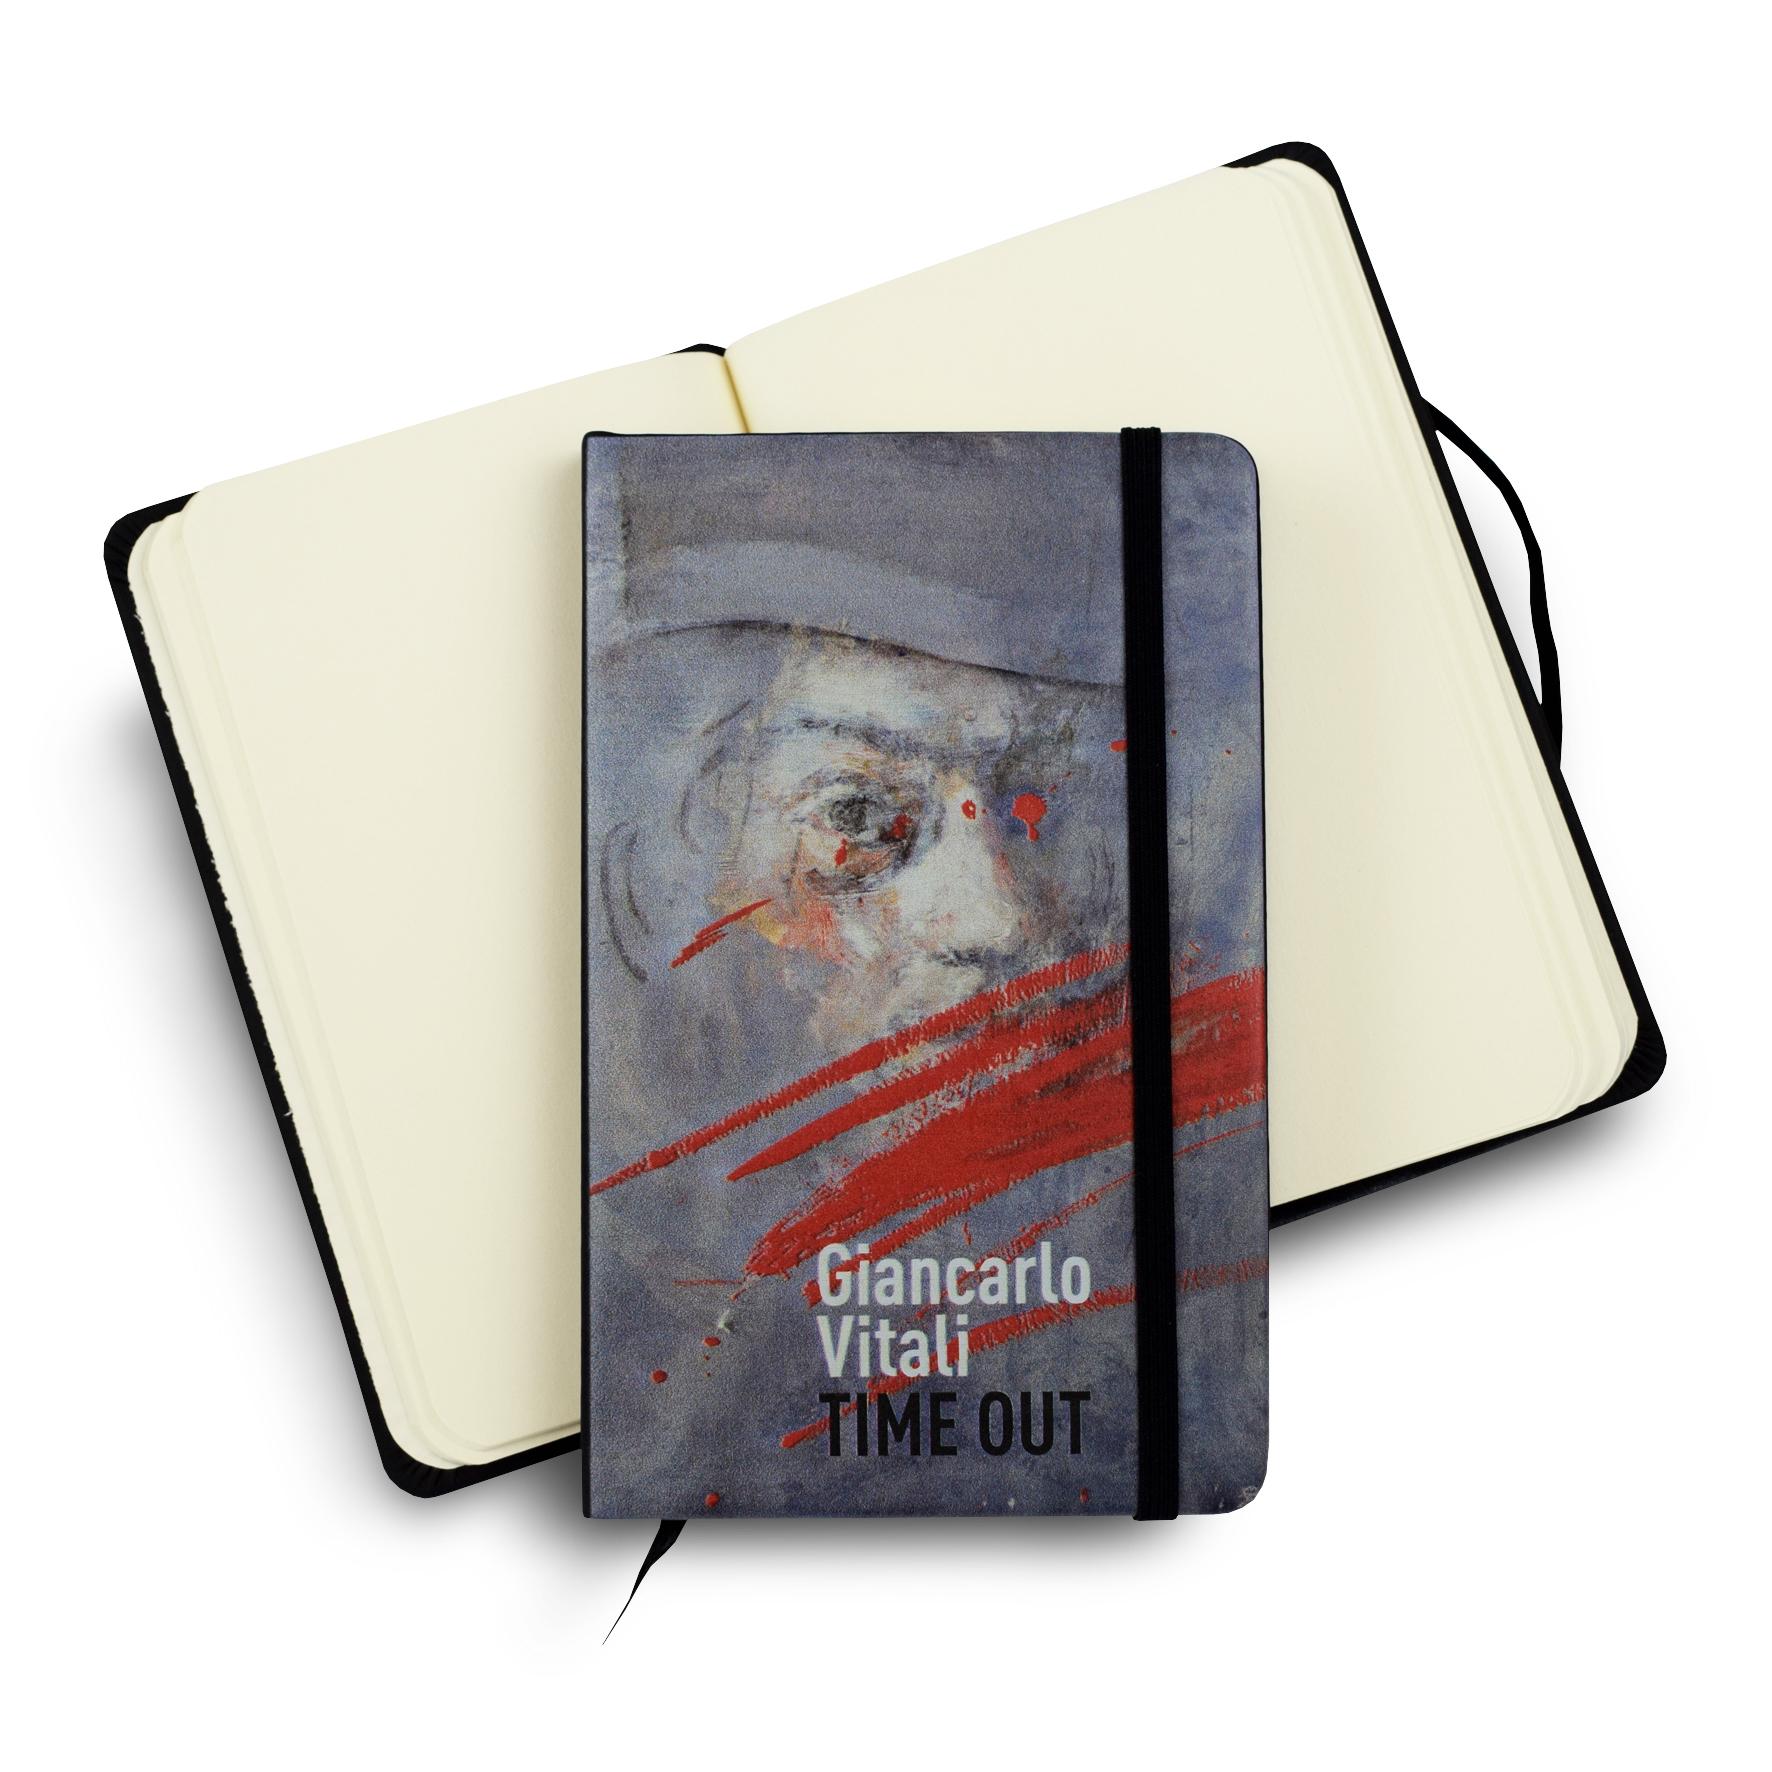 Notes personalizzato Archivi Giancarlo Vitali